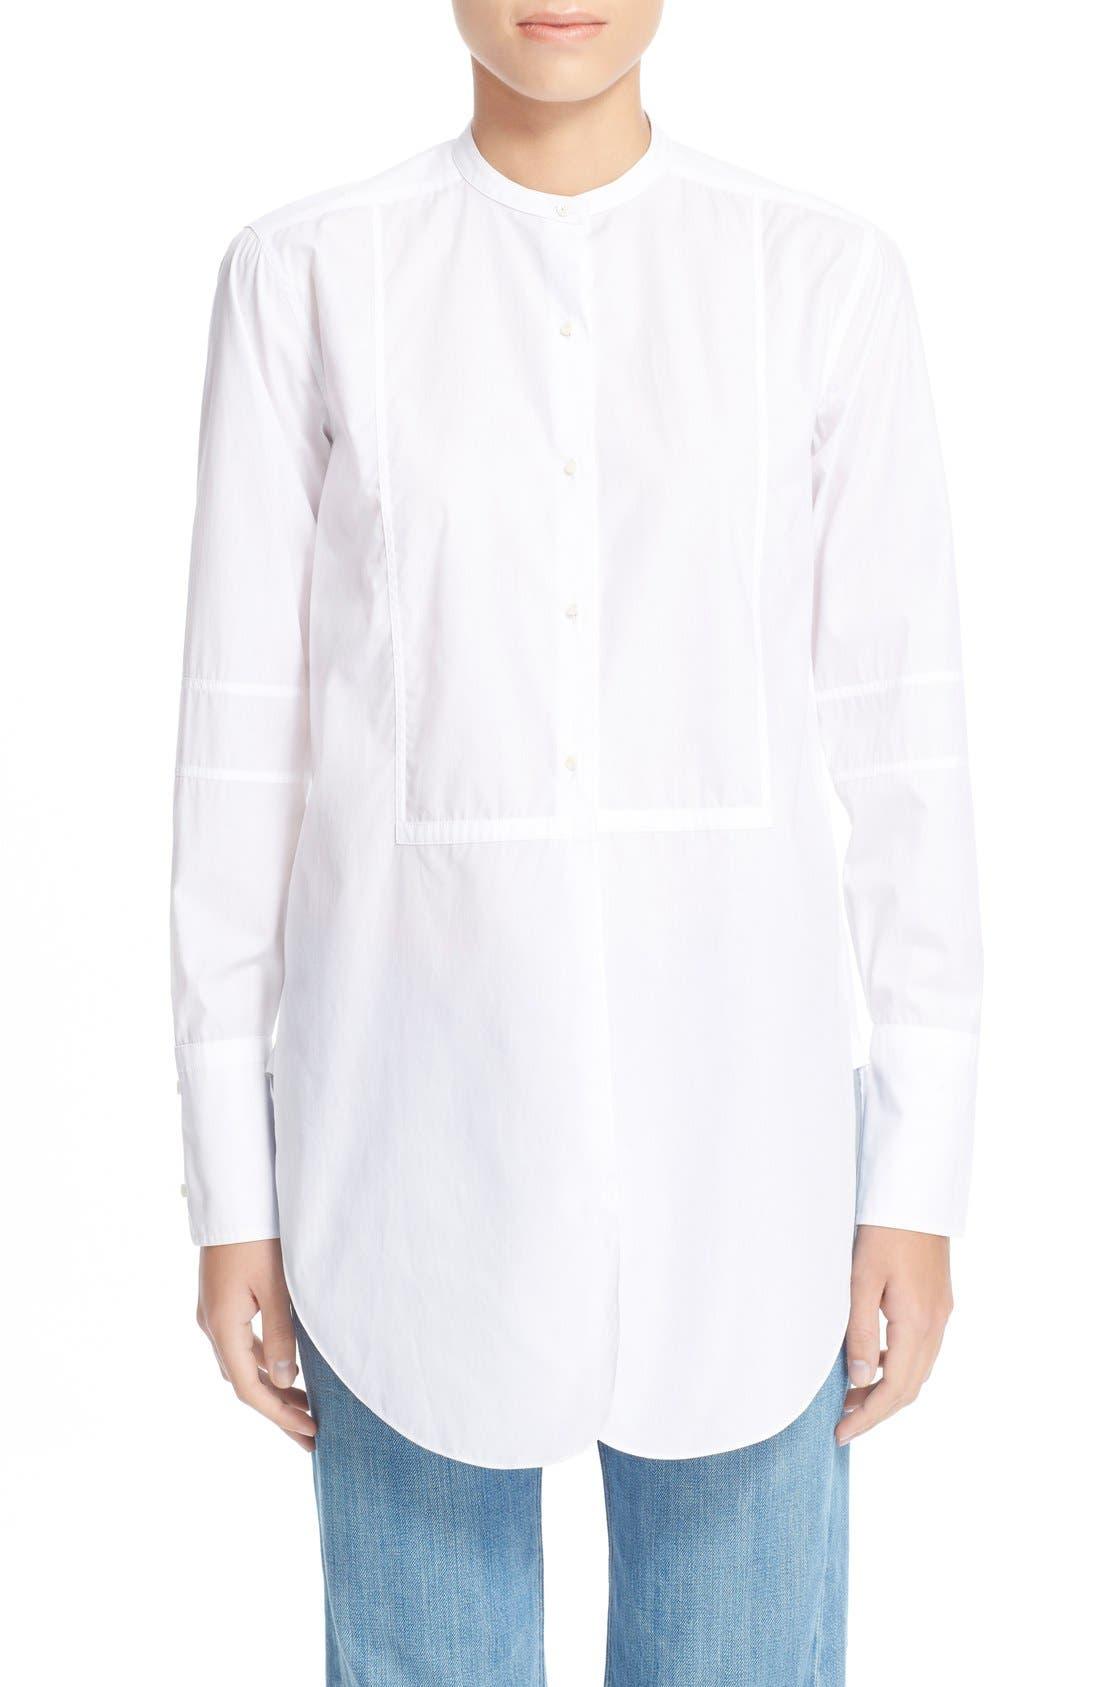 Alternate Image 1 Selected - HelmutLang Poplin Tuxedo Shirt